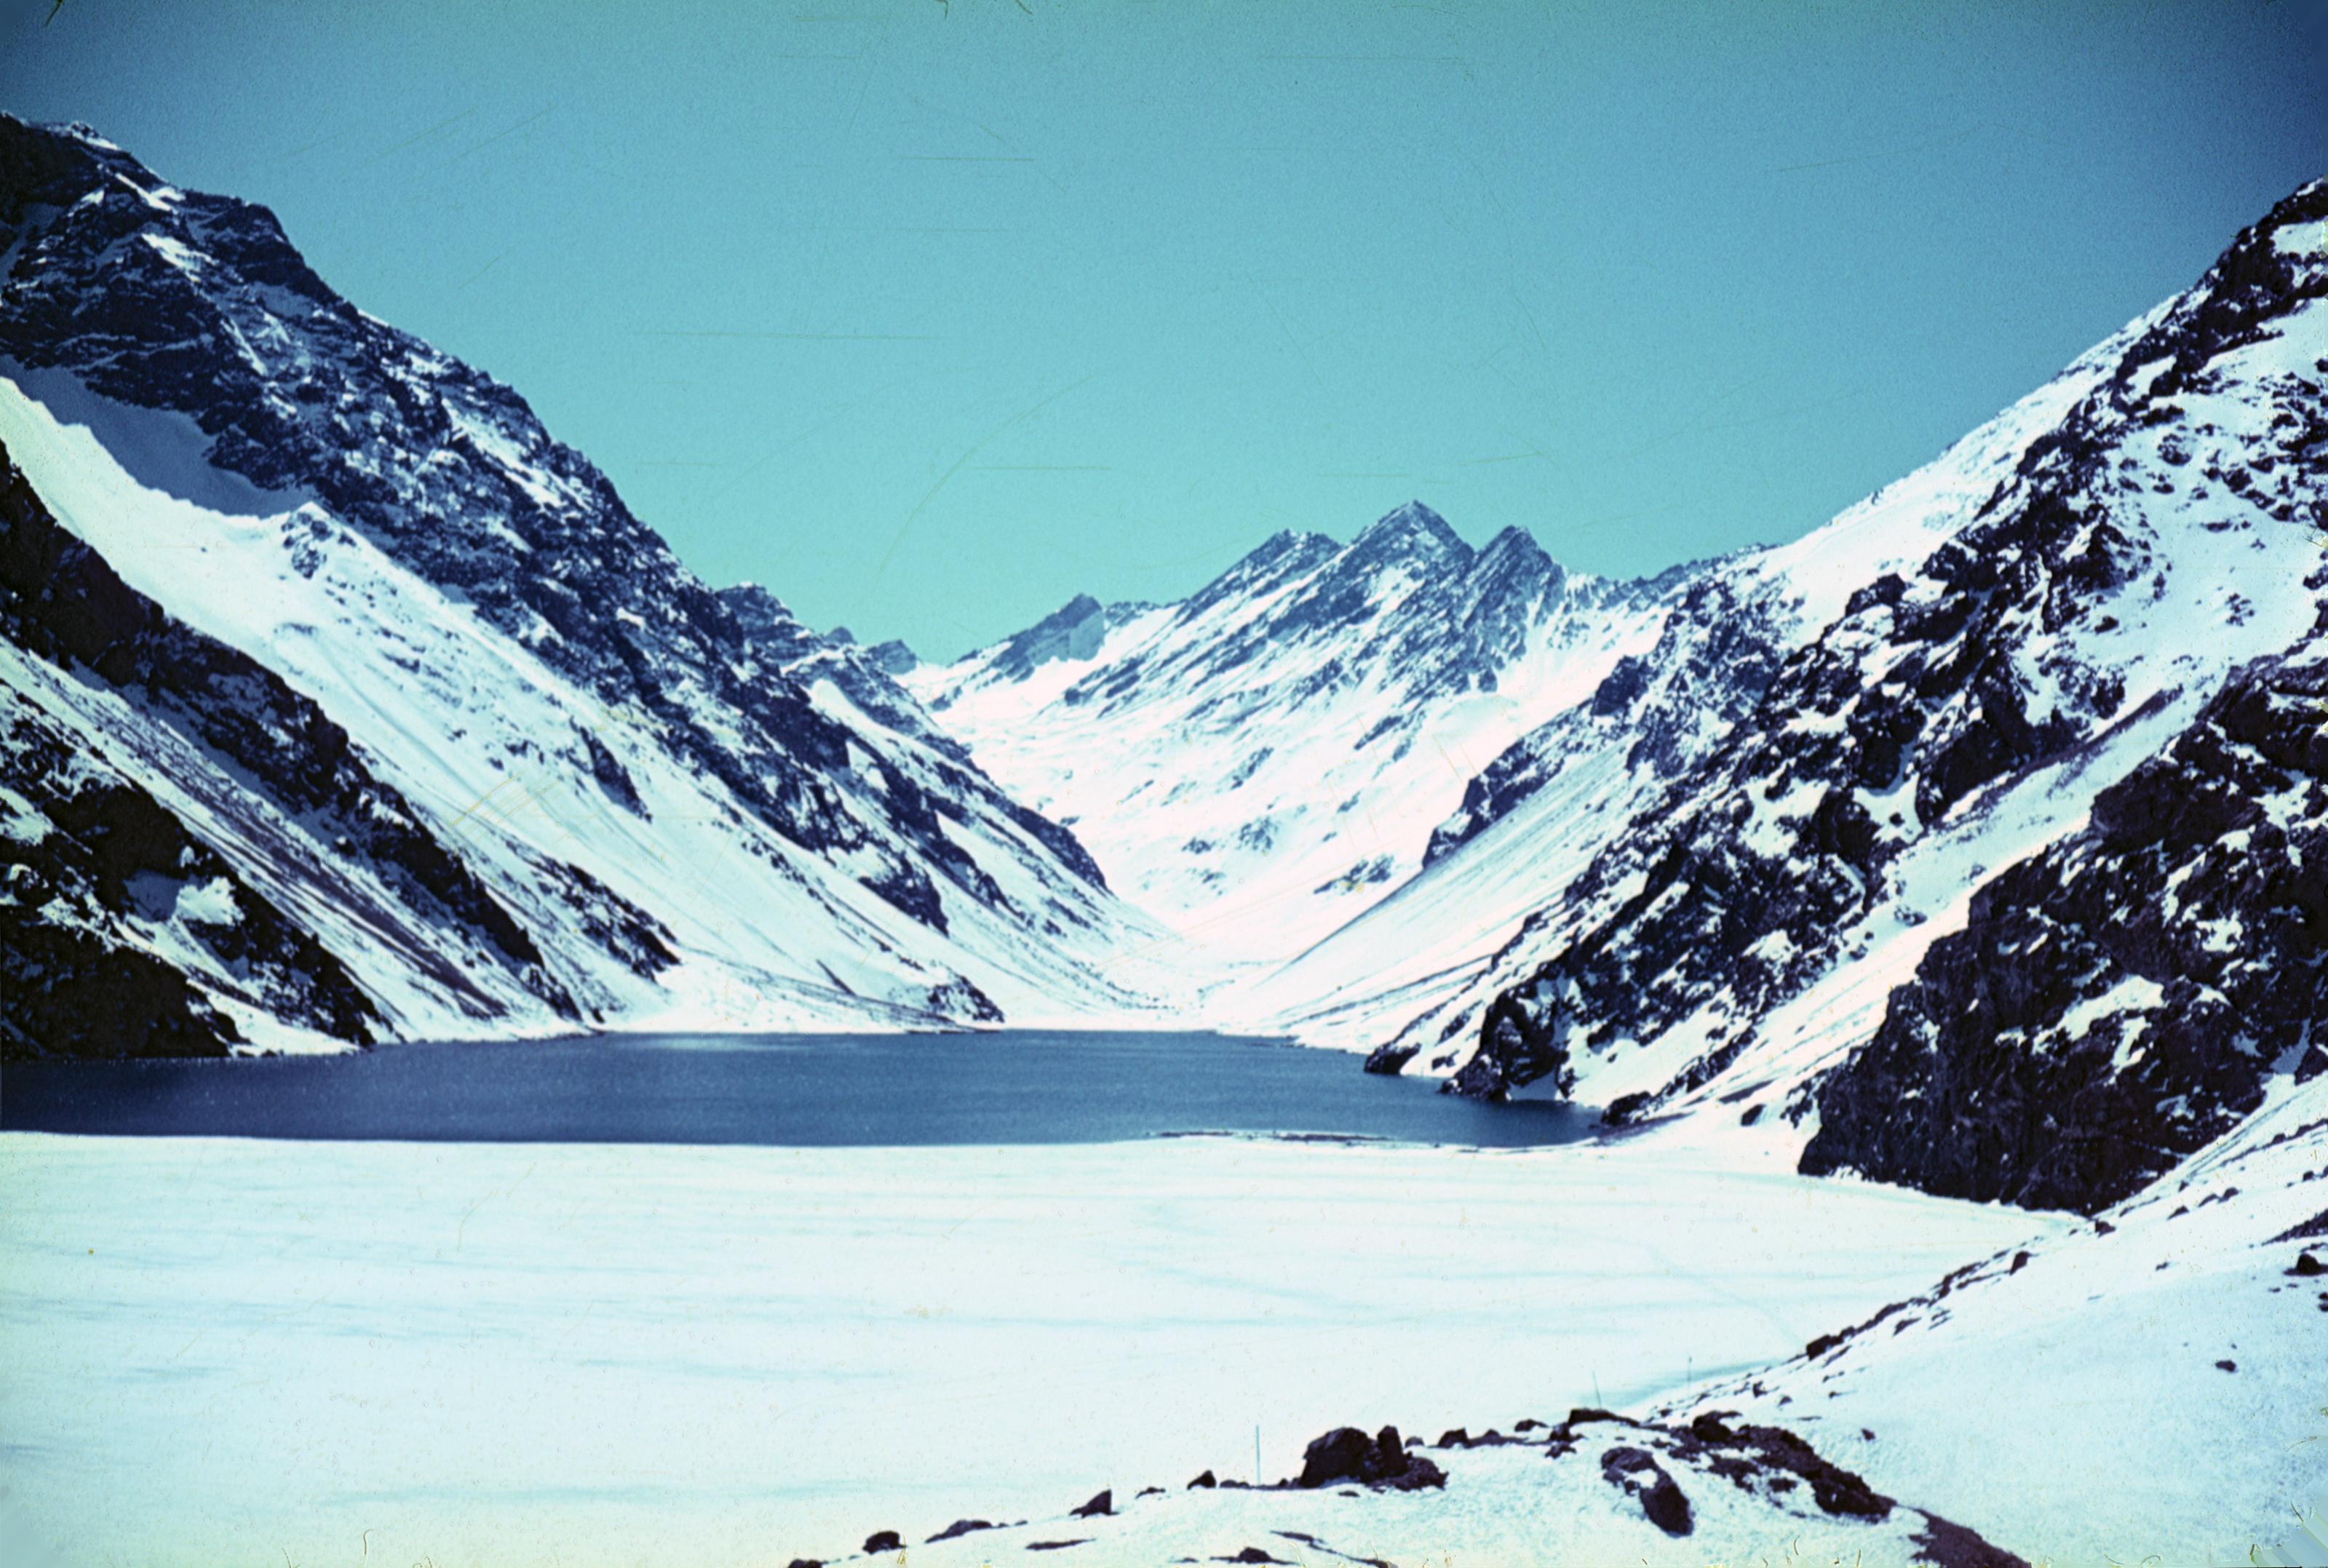 Enterreno - Fotos históricas de chile - fotos antiguas de Chile - Laguna del Inca en 1969